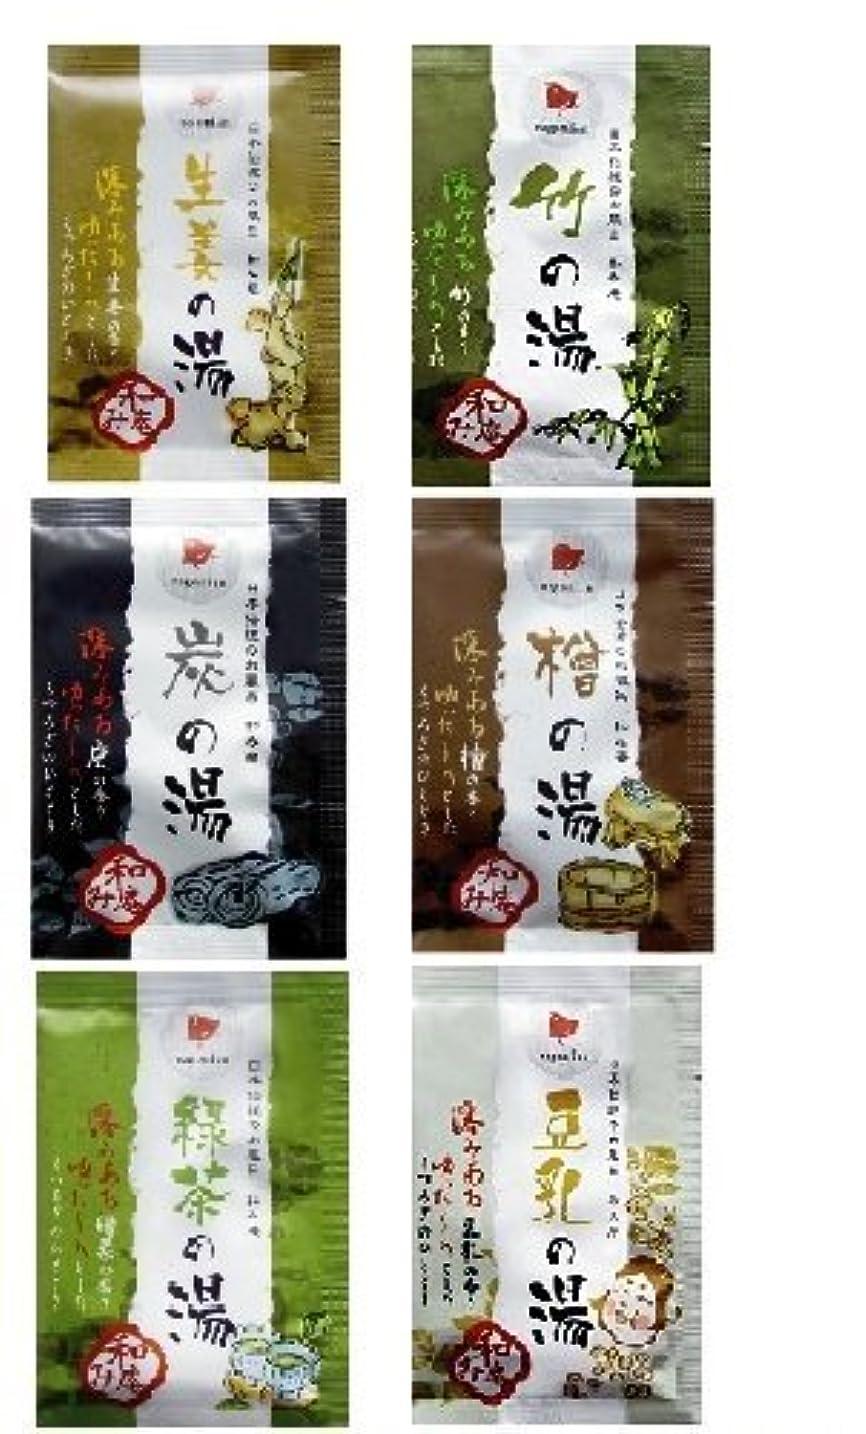 抹消放映志す日本伝統のお風呂 和み庵 6種類セット